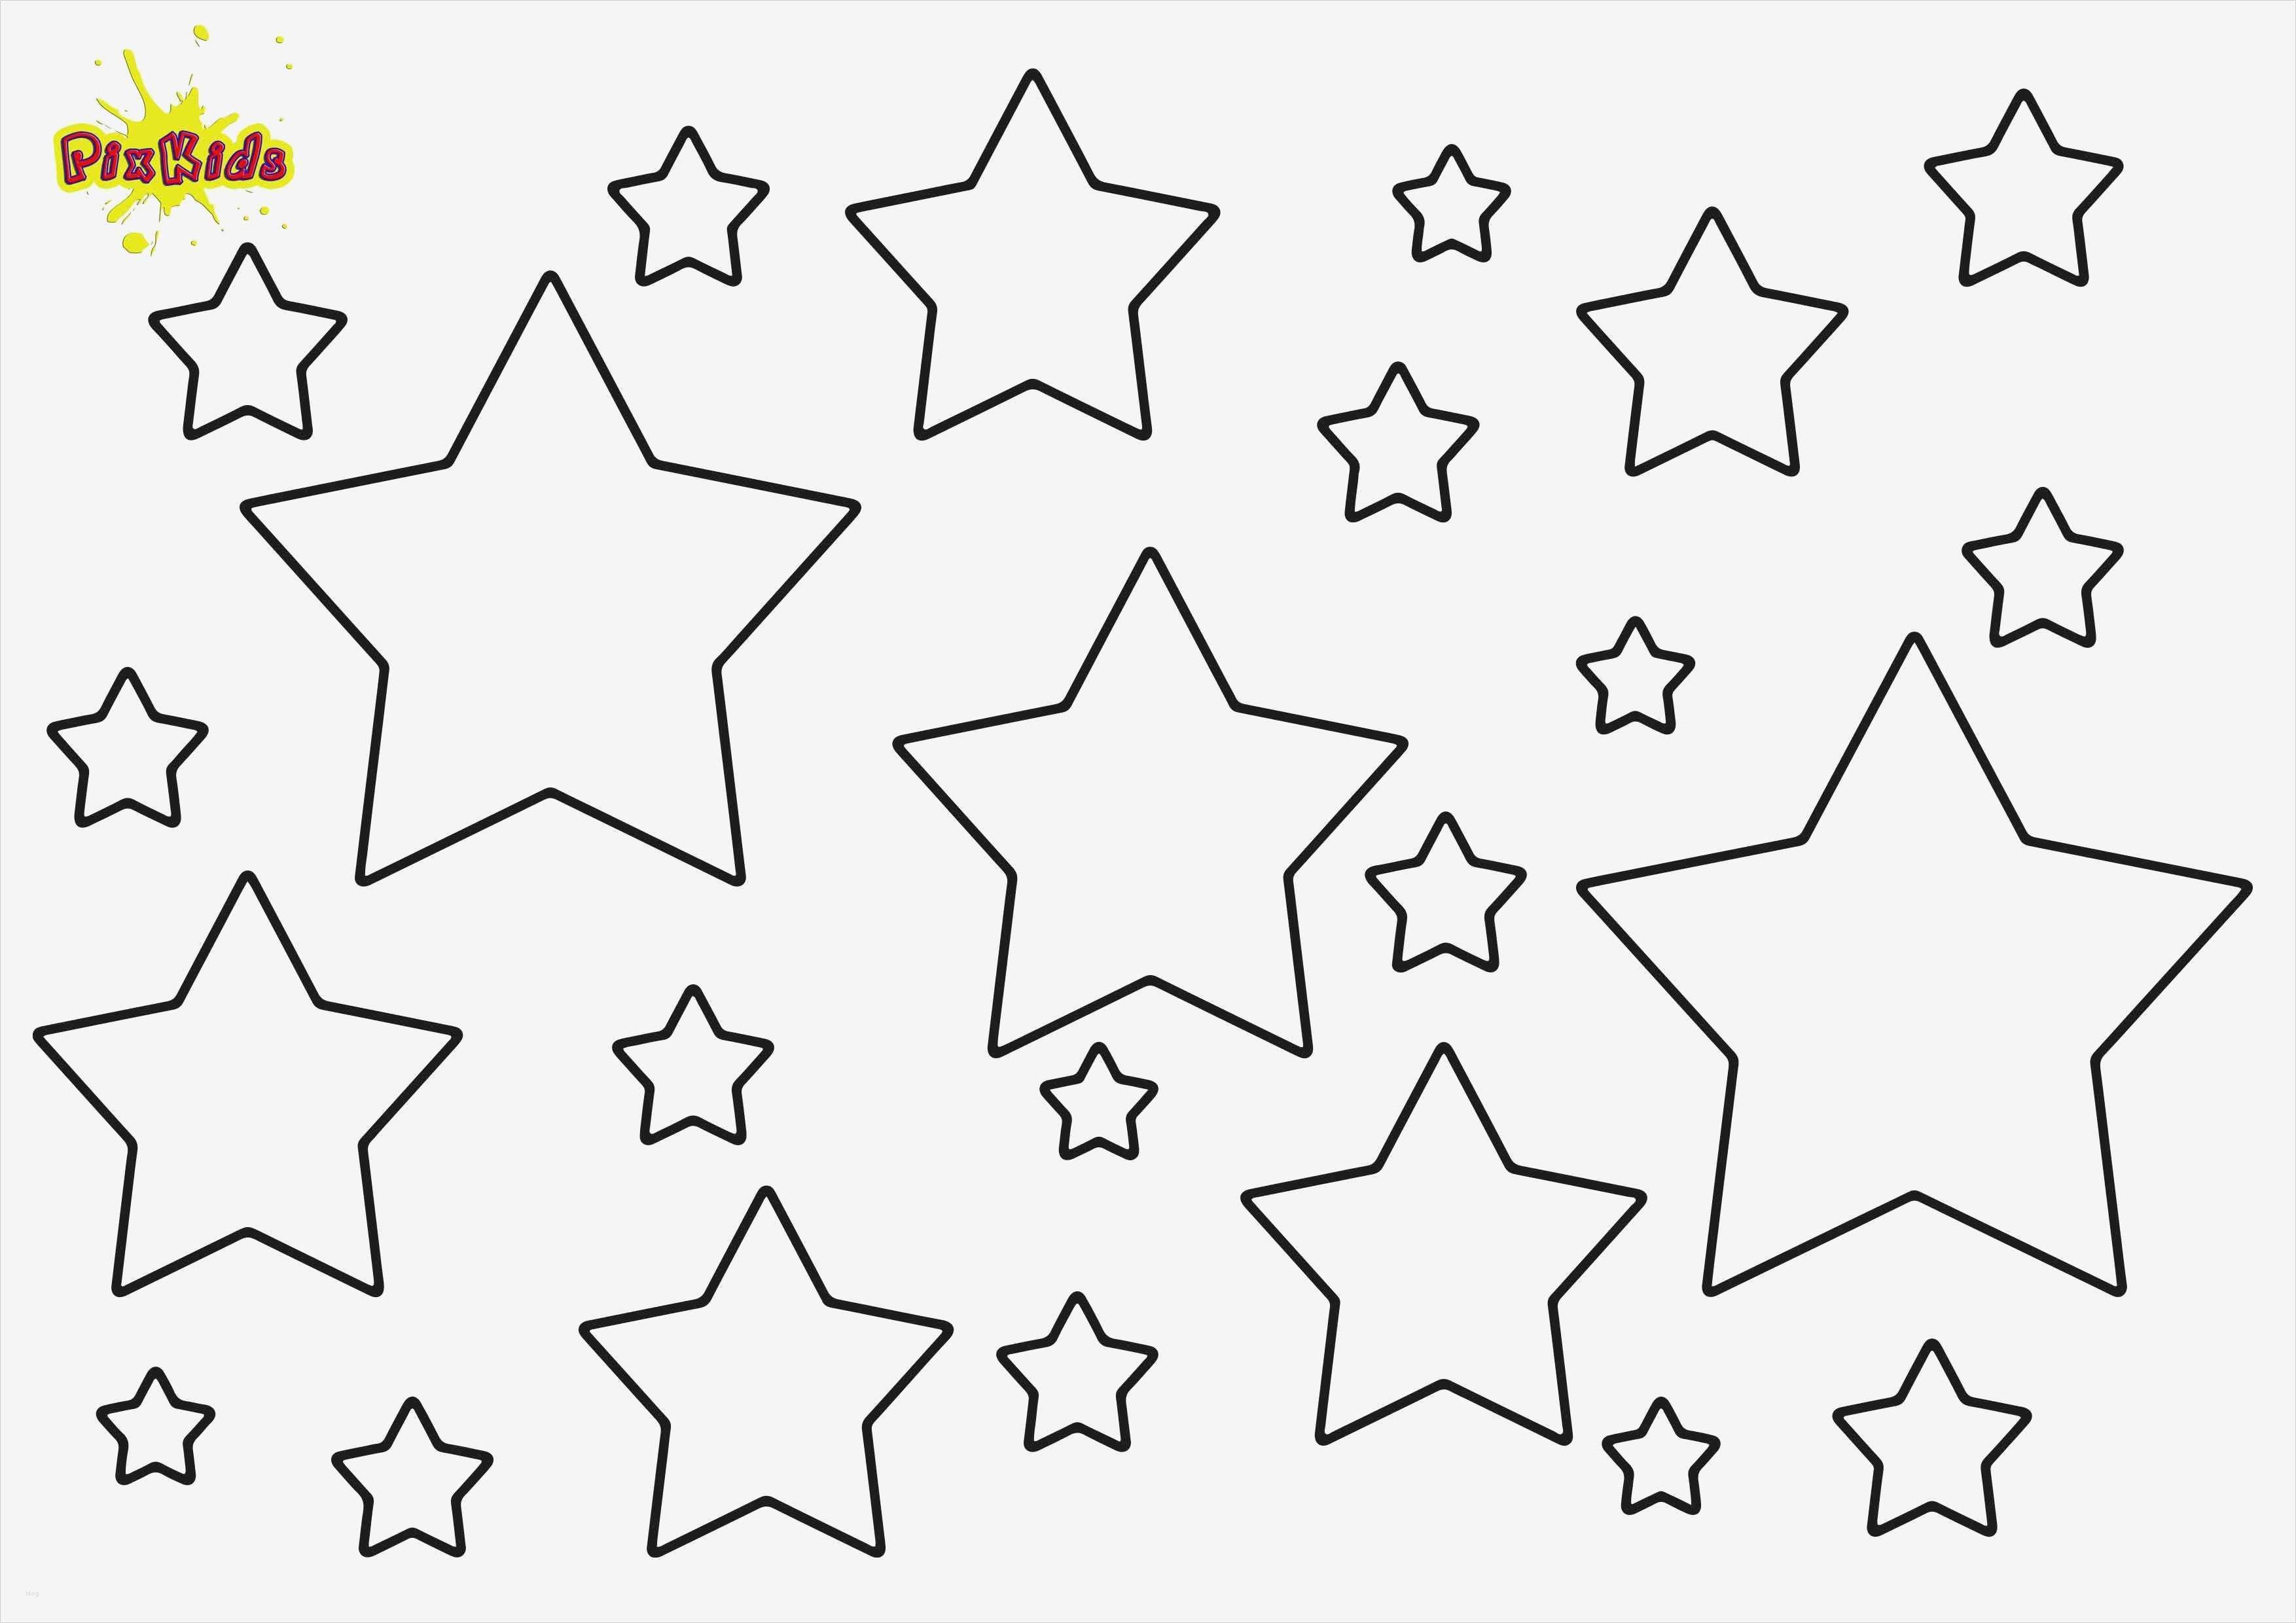 malvorlage viele sterne - 10 images - sterne zum ausmalen